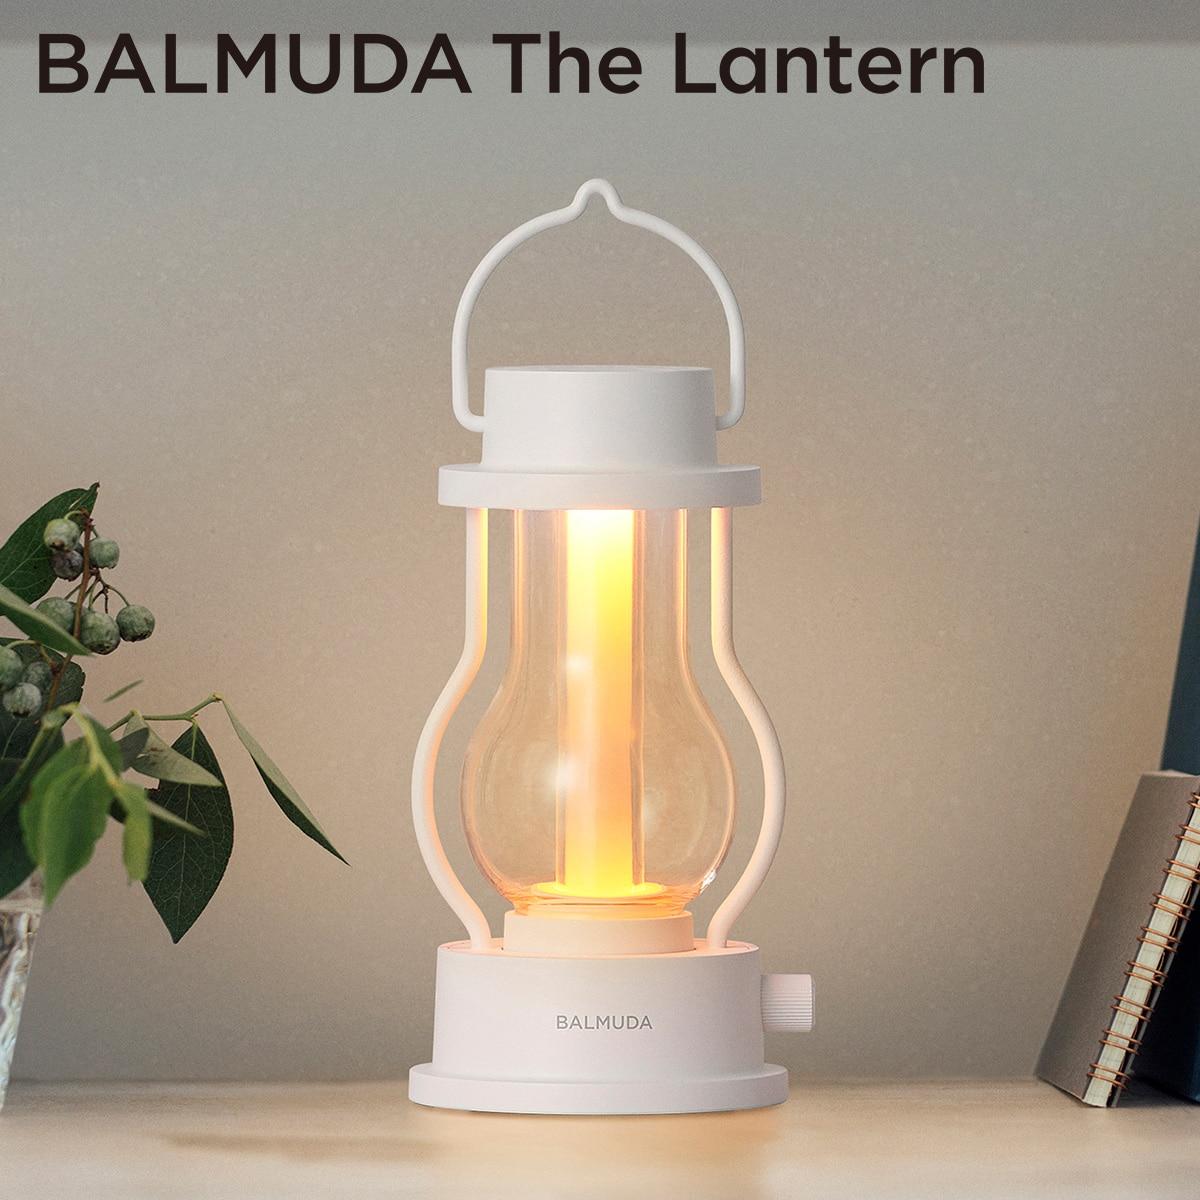 バルミューダ 「BALMUDA The Lantern」ザ・ランタン (ホワイト) L02A-WH